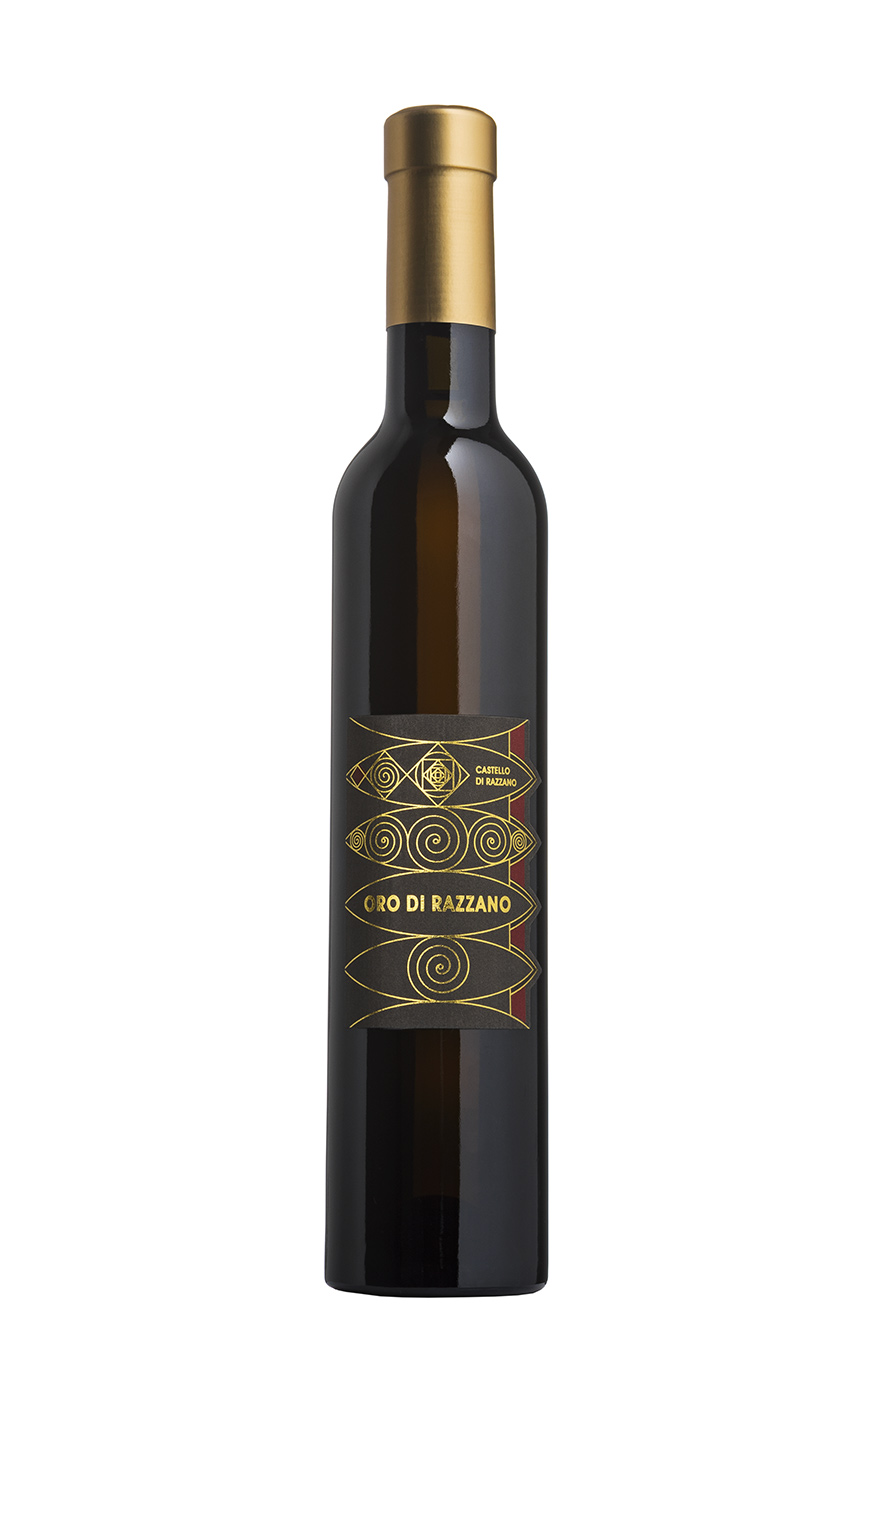 ORO DI RAZZANO - Olio extravergine di Oliva del Monferrato